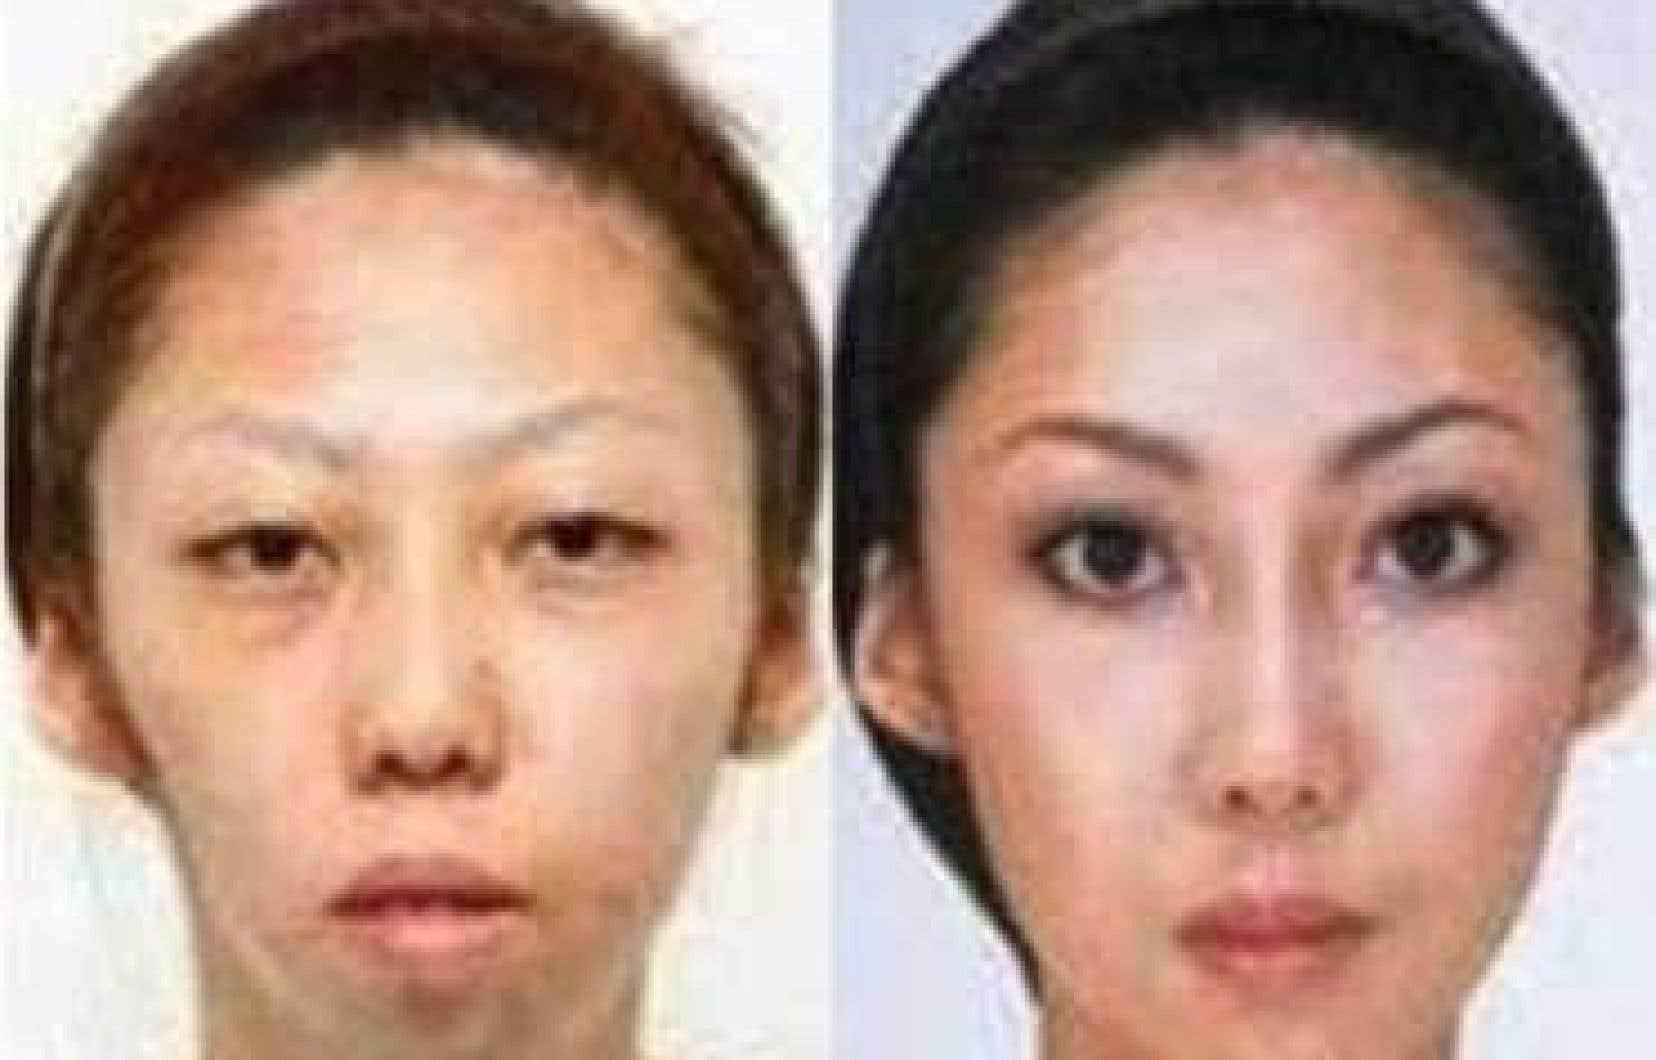 Avant, après. Ce cliché prétend montrer le vrai visage de la femme de Jian Feng. Sa laideur aurait été masquée par de la chirurgie.